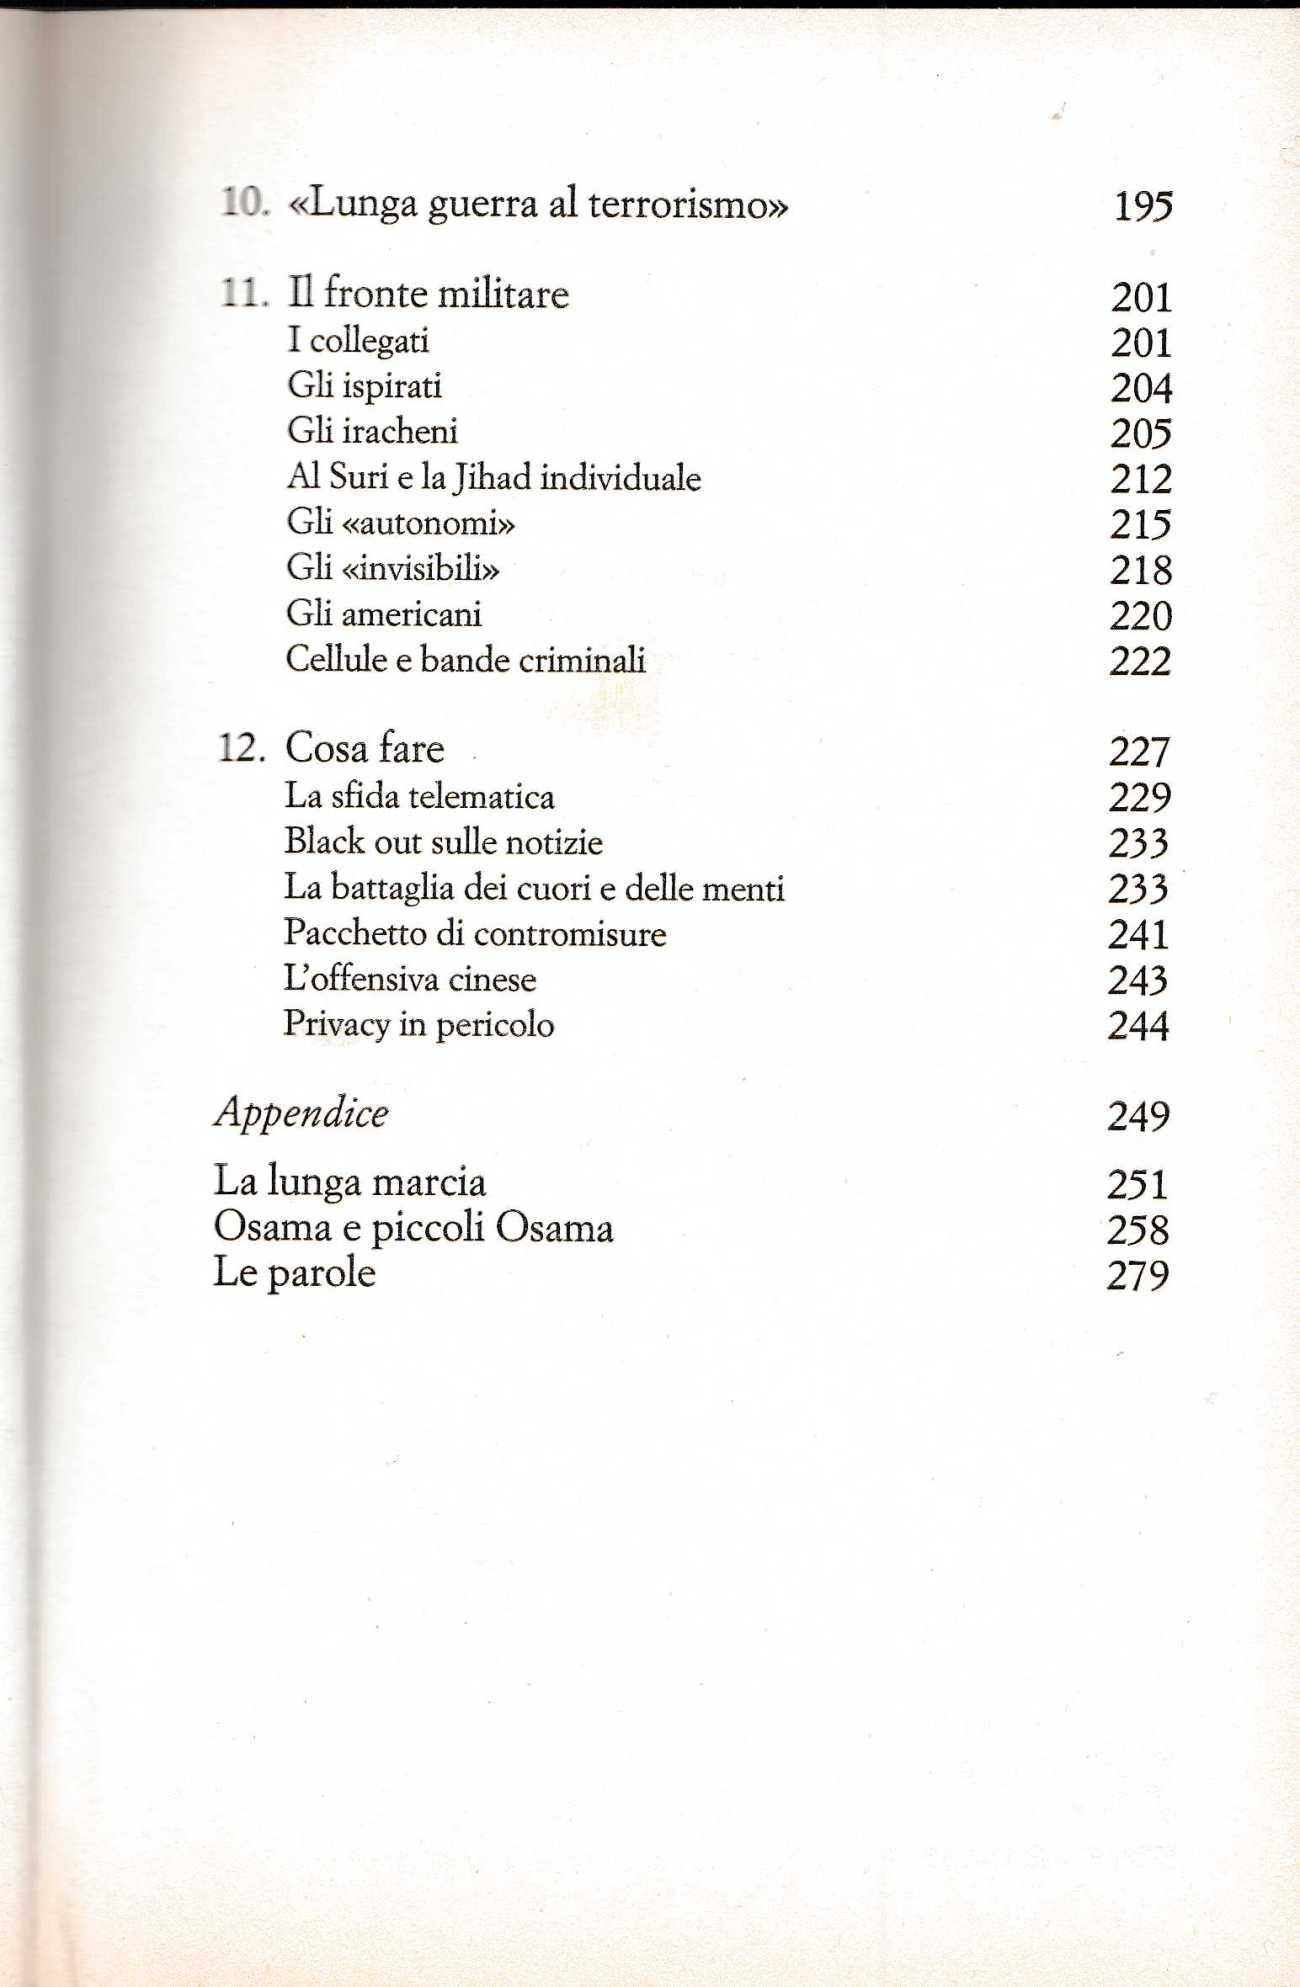 OLIMPIO2386